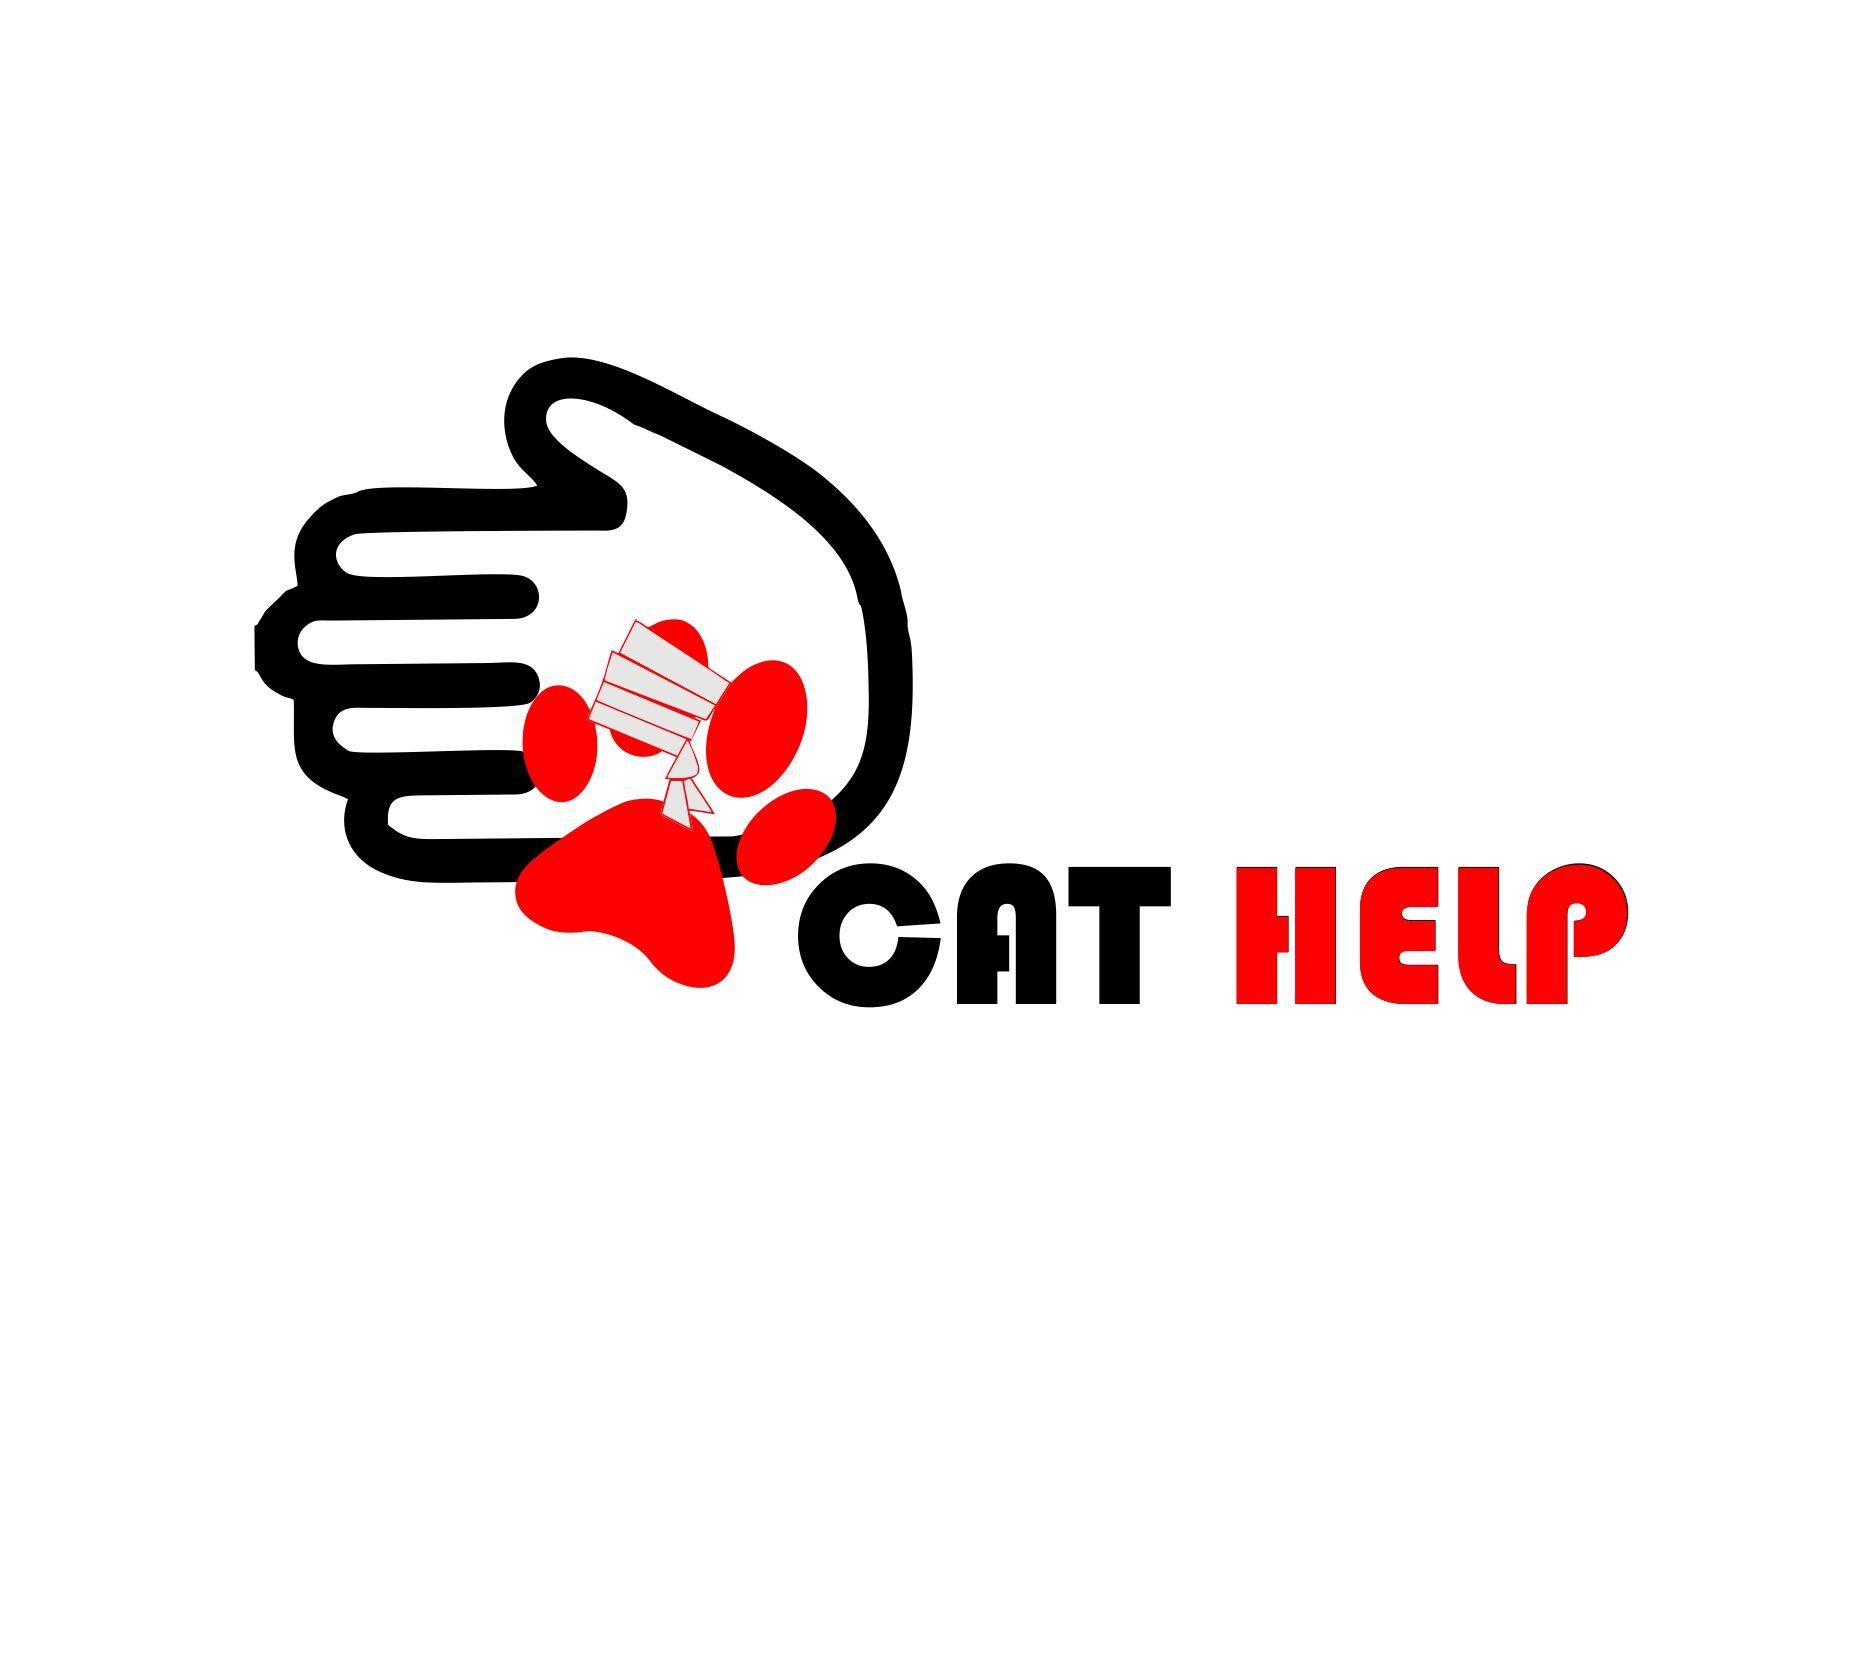 логотип для сайта и группы вк - cat.help фото f_51959db42a5c1164.jpg